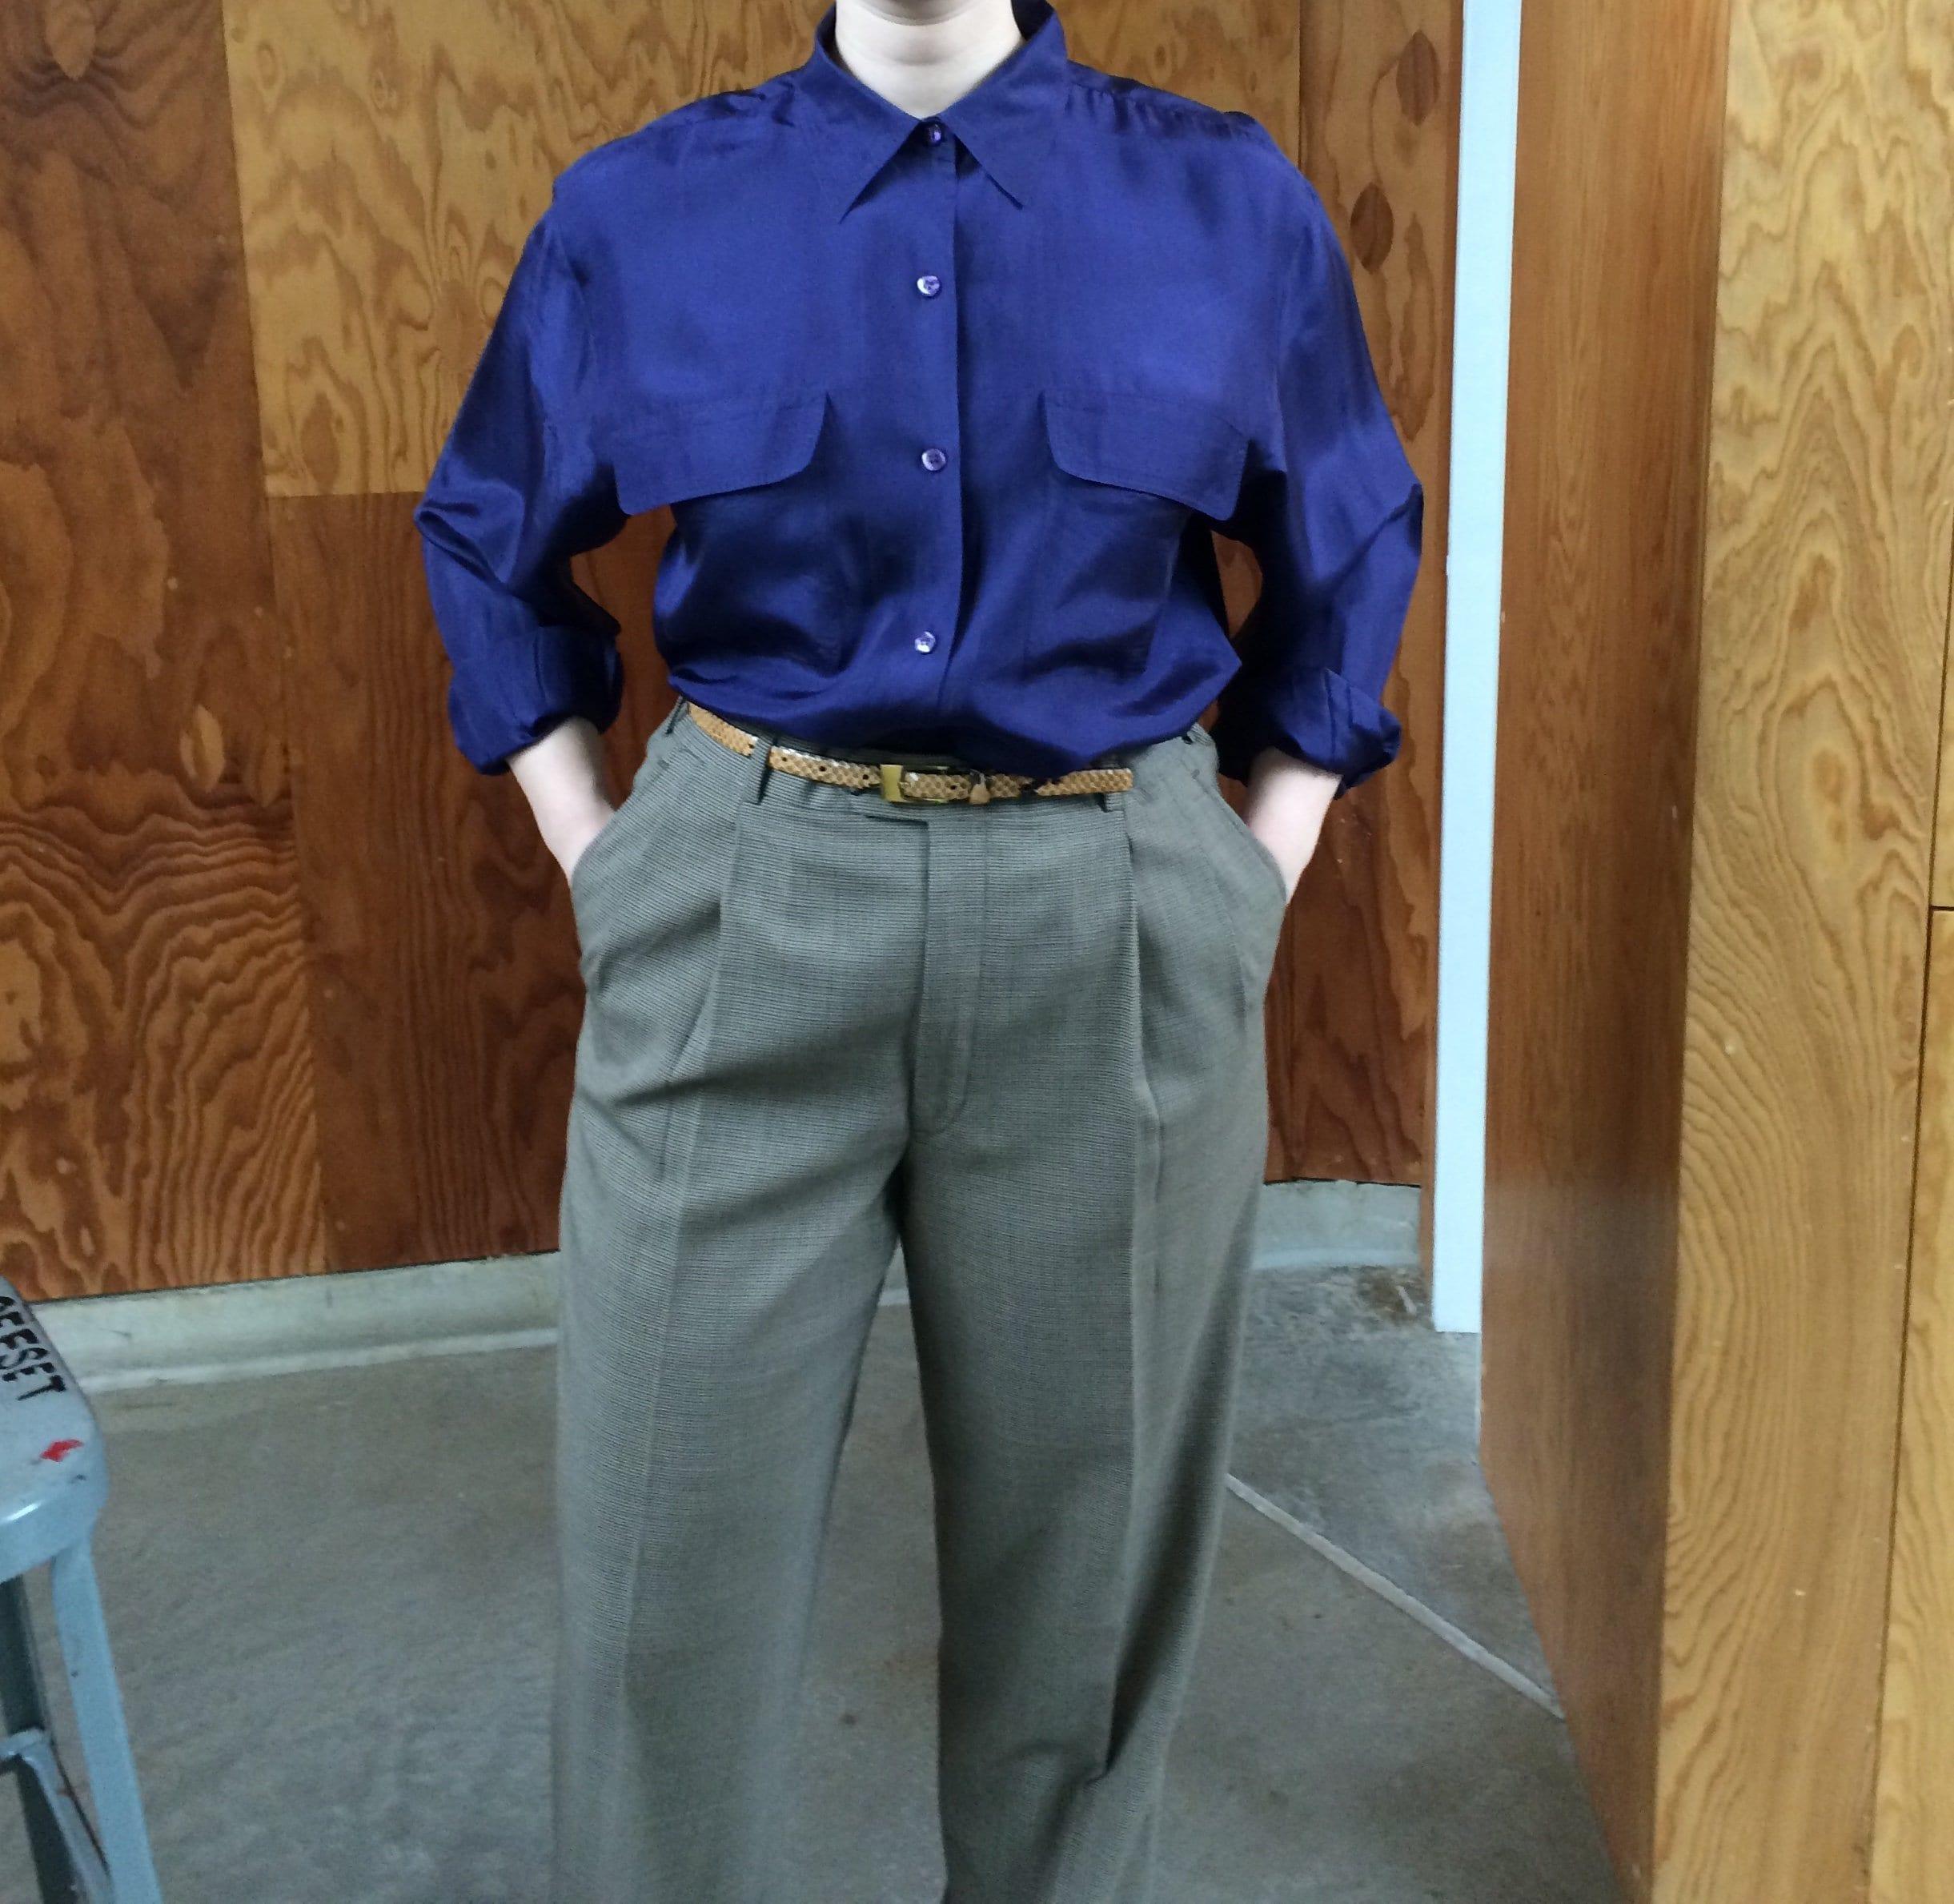 Vintage 90s Patch Pocket Shirt Oversized Blouse Boxy Etsy